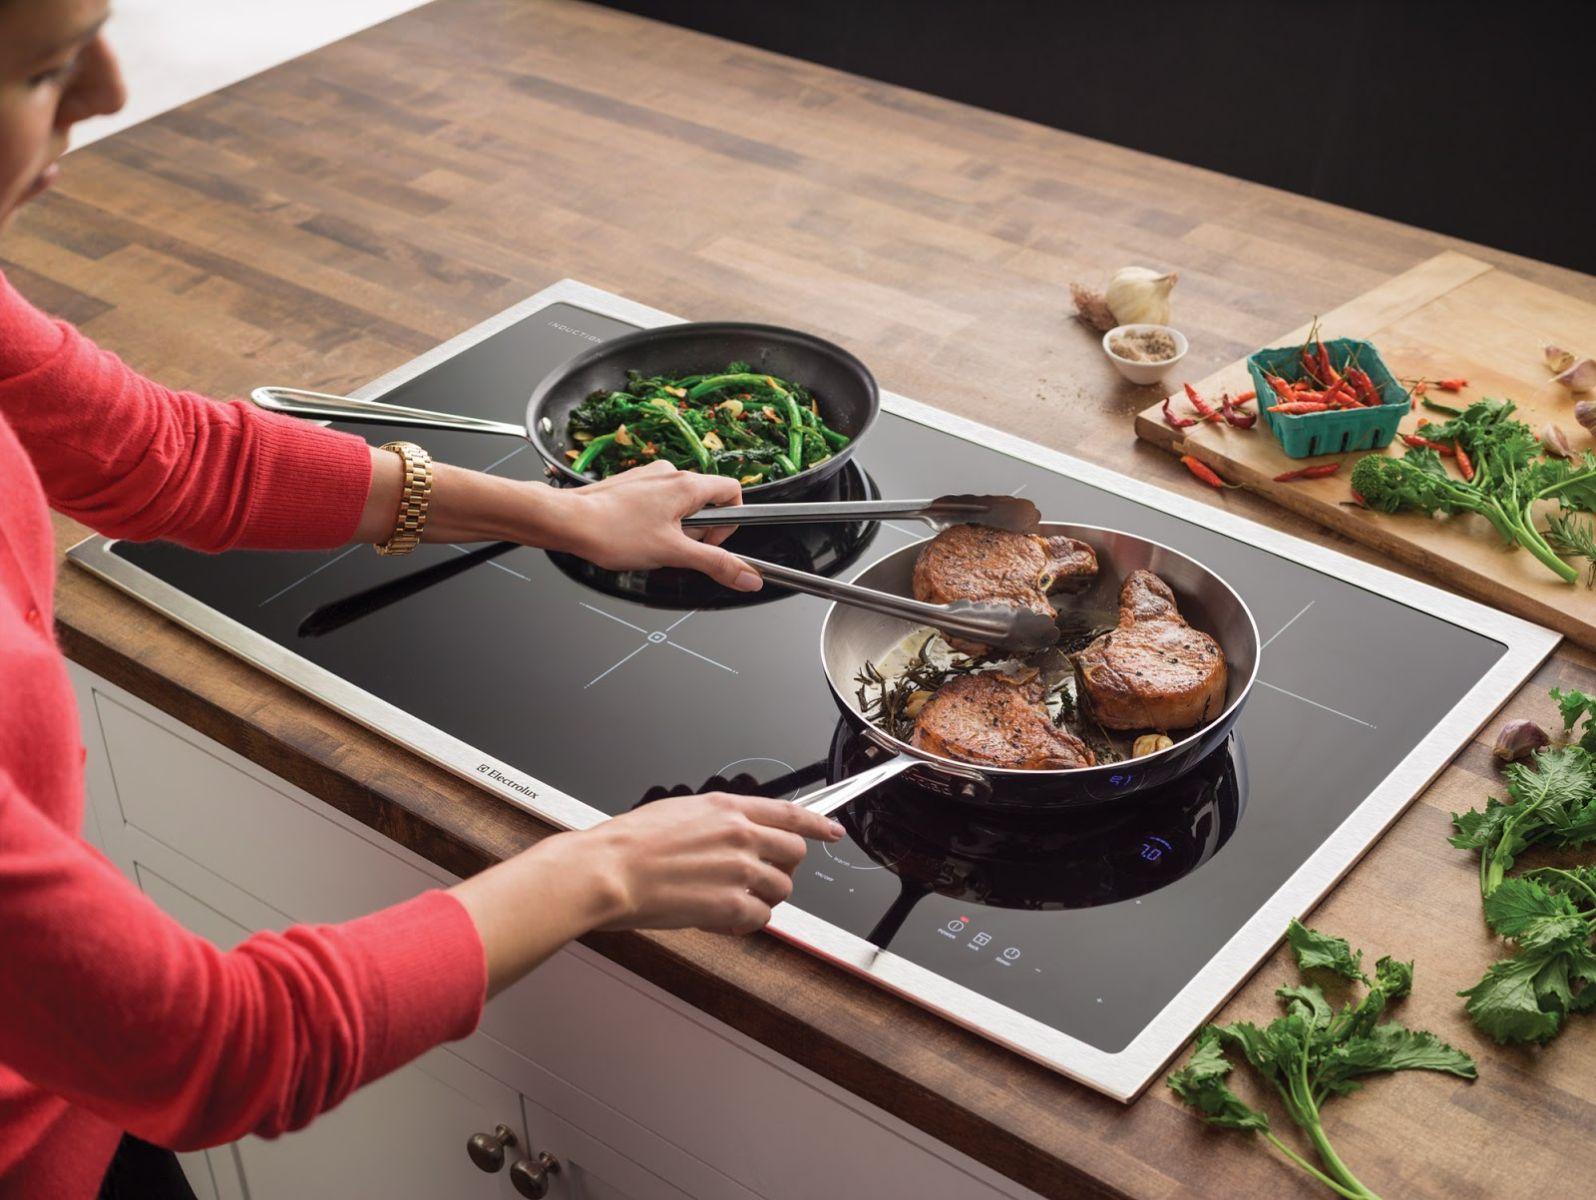 Mua bếp từ ggm chính hãng có khó hay không?